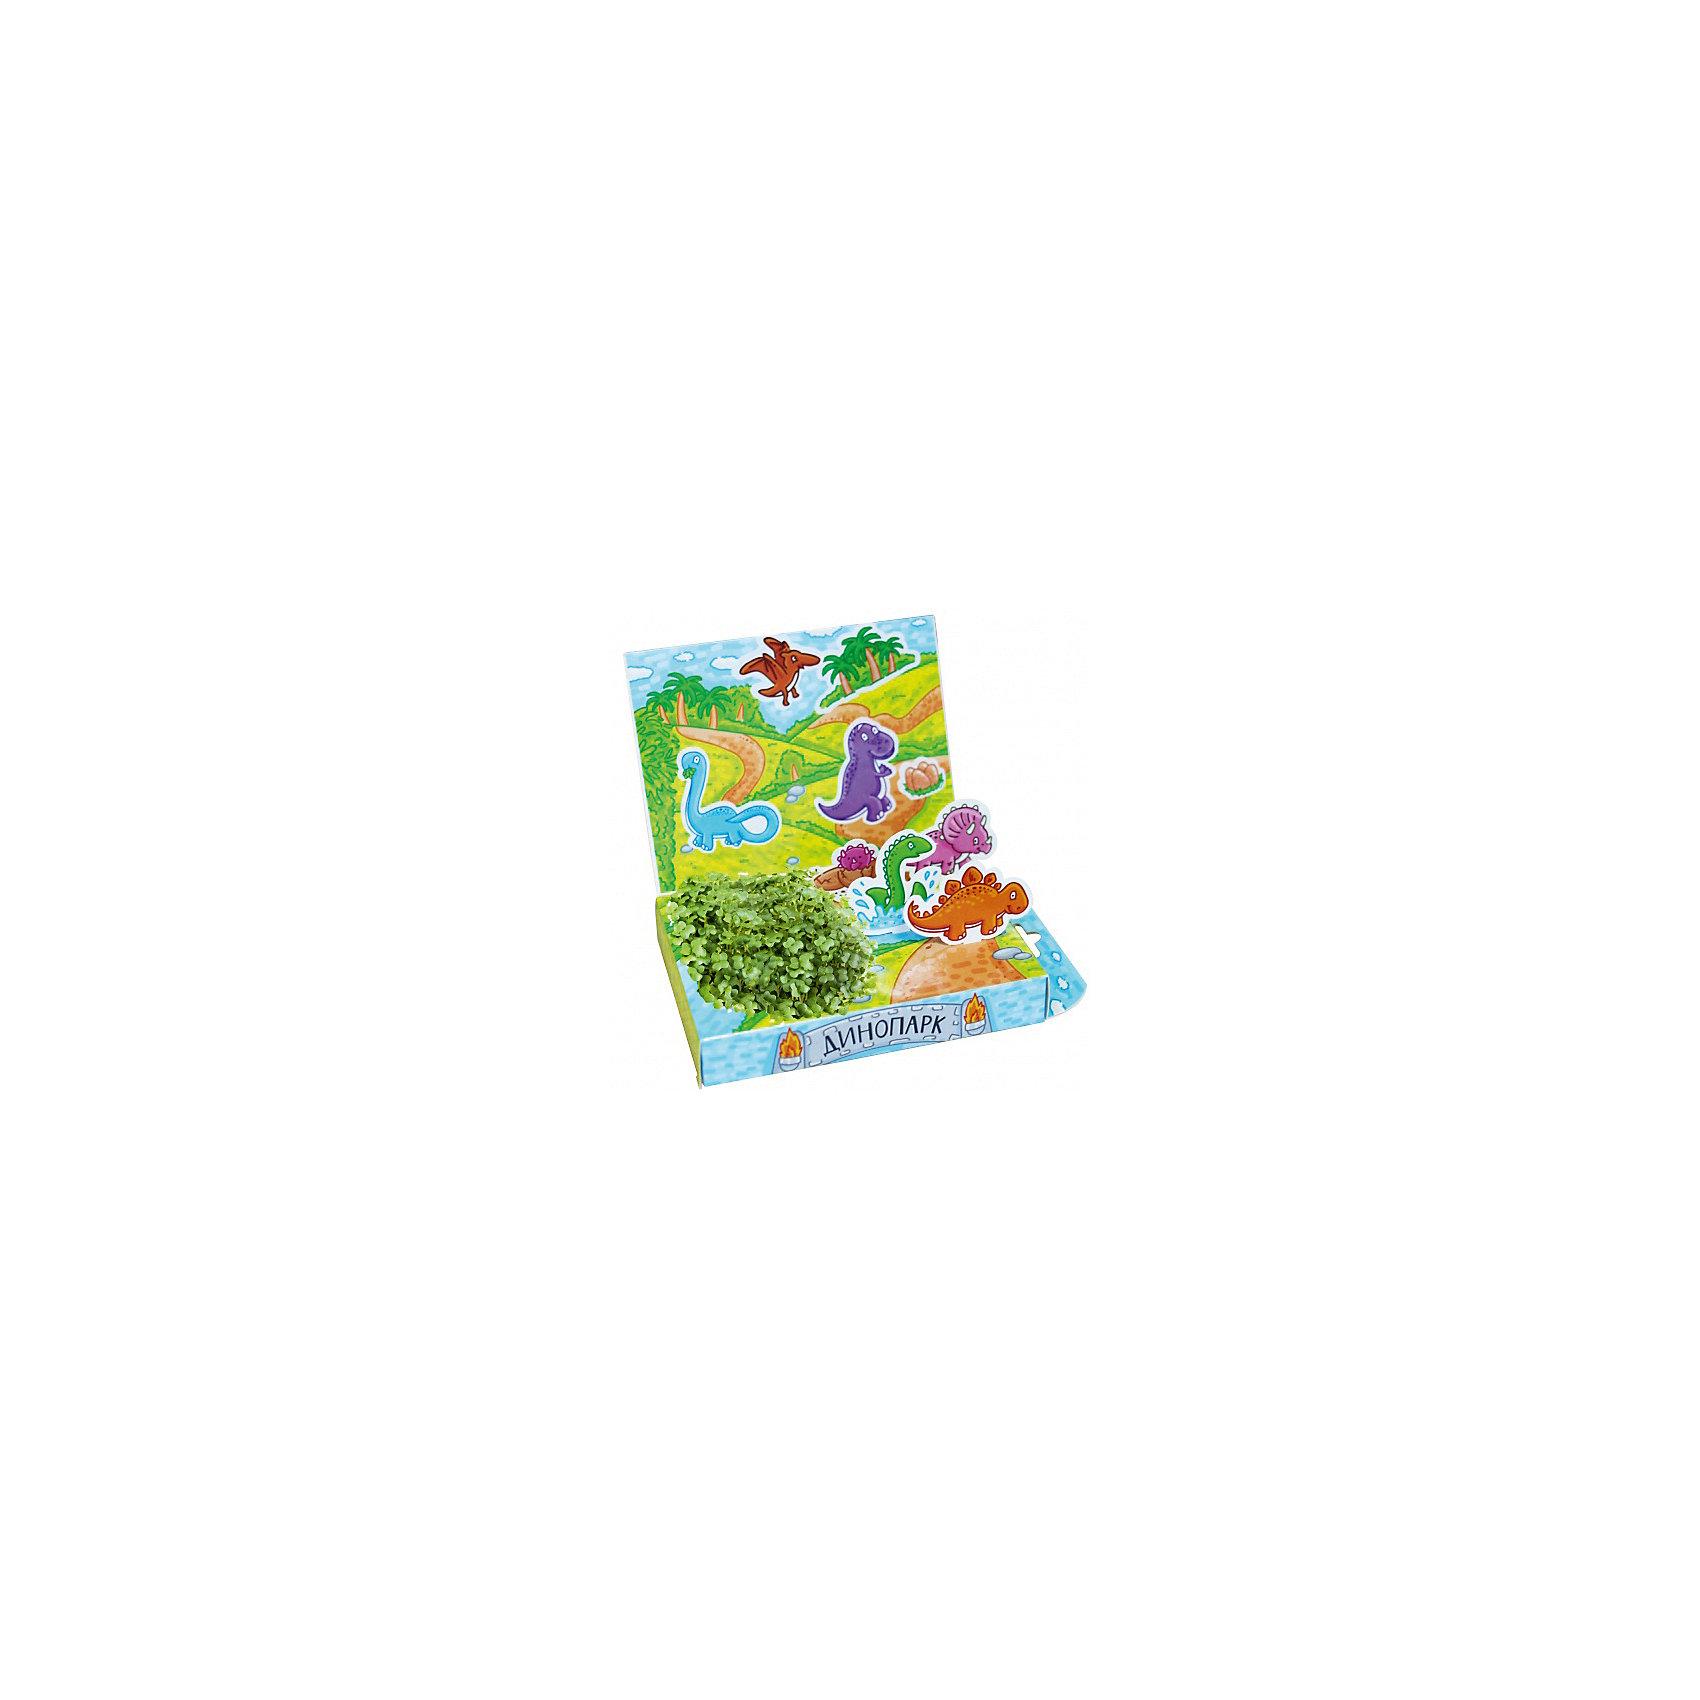 Набор для выращивания Живая открытка - Динопарк Happy PlantПодарочный набор Живая открытка Динопарк, Happy Plant.<br><br>Характеристики:<br><br>• ребенок сможет самостоятельно украсить пейзаж травкой<br>• прост в использовании<br>• безопасен для ребенка<br>• яркий дизайн <br>• развивает внимательность и усидчивость<br>• в комплекте: открытка, фигурки, емкость для растений, наклейки, агроткань, семена, инструкция<br>• размер упаковки: 13х8х2,5 см<br>• вес: 30 грамм<br>• материалы: бумага, картон, агроткань, семена<br><br>Набор Живая открытка Динопарк идеально подойдет любителям динозавров. С его помощью ребенок сможет украсить открытку настоящими растениями. Процесс преображения очень прост. Нужно намочить агроткань, посадить семена и полить их. Поставьте открытку в теплое светлое место, и через несколько дней на ней вырастет настоящая травка. Это набор станет прекрасным подарком любознательным экспериментаторам!<br><br>Подарочный набор Живая открытка Динопарк, Happy Plant вы можете купить в нашем интернет-магазине.<br><br>Ширина мм: 175<br>Глубина мм: 115<br>Высота мм: 25<br>Вес г: 30<br>Возраст от месяцев: 168<br>Возраст до месяцев: 240<br>Пол: Унисекс<br>Возраст: Детский<br>SKU: 5053957